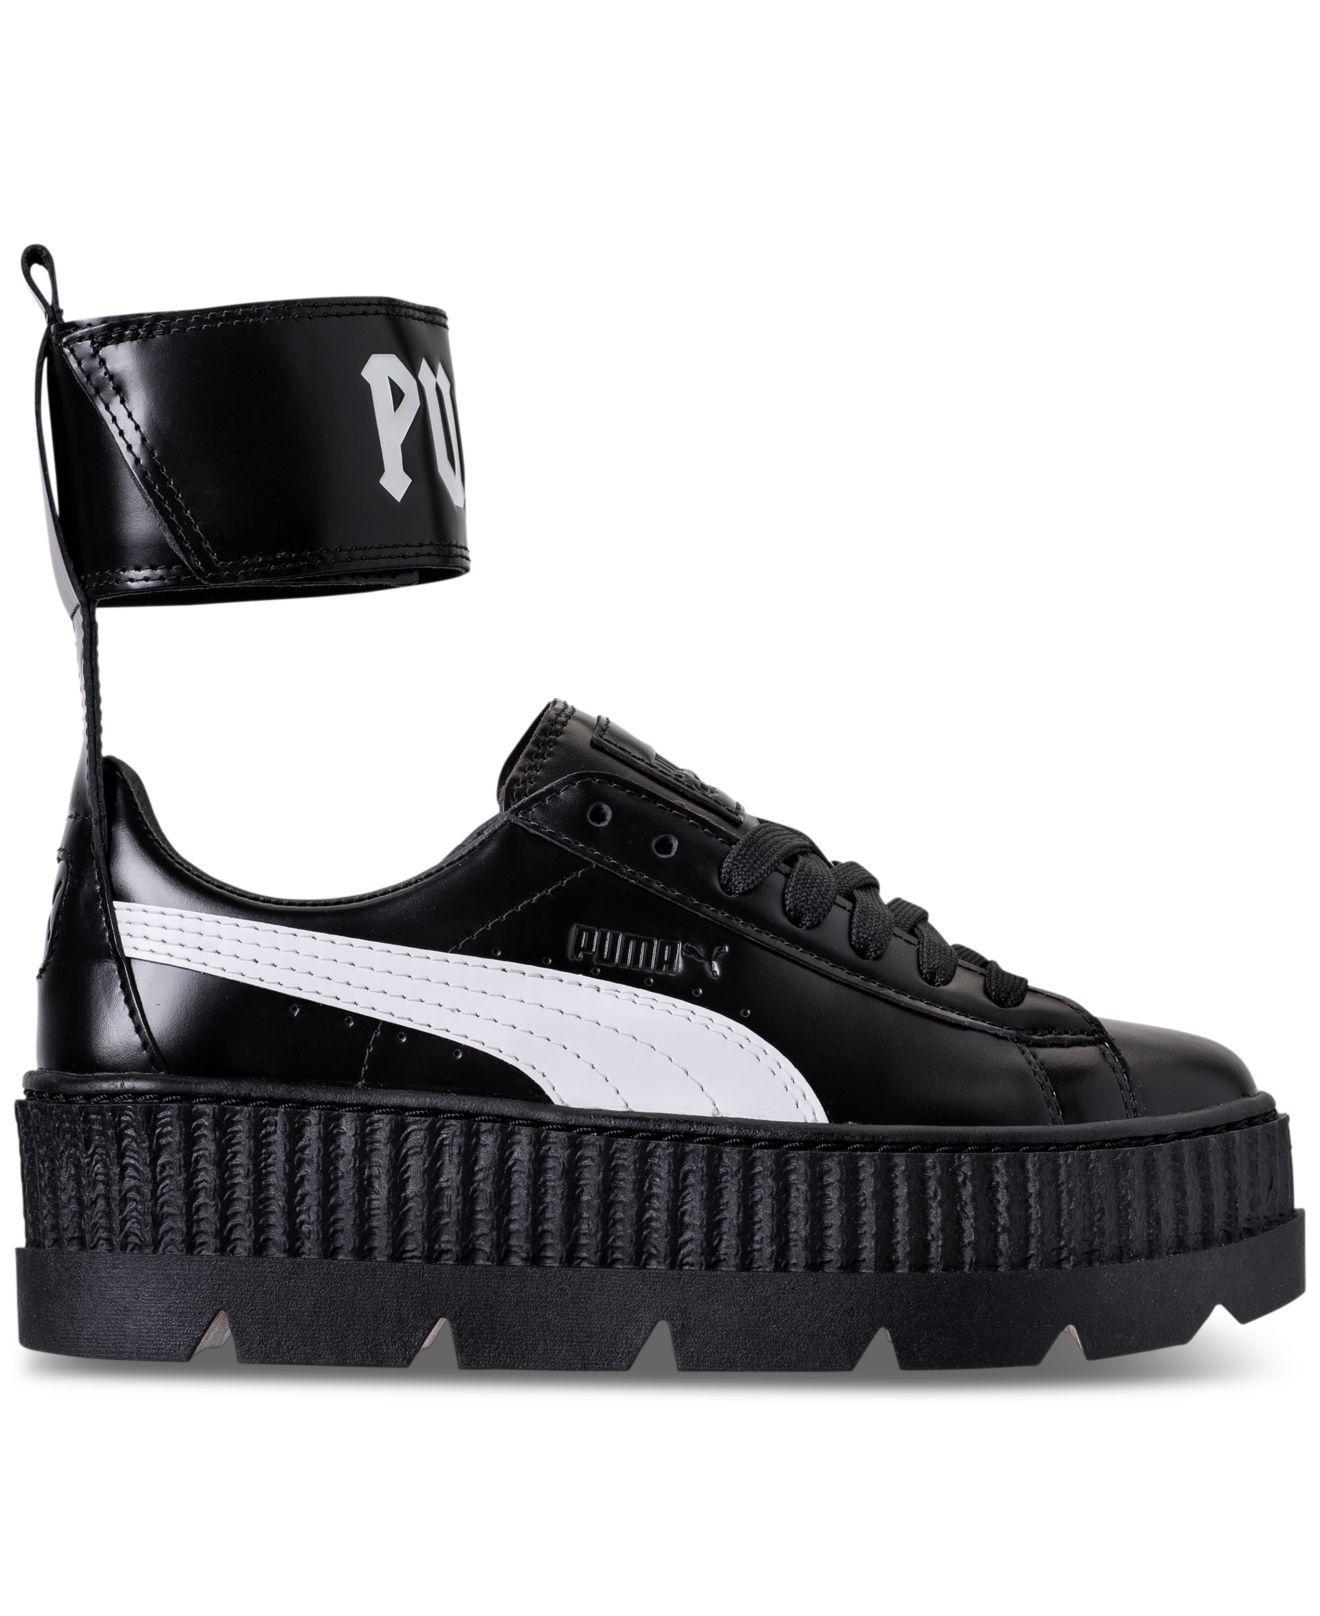 a1447463905901 Lyst - PUMA Women s Fenty X Rihanna Ankle Strap Creeper Casual ...